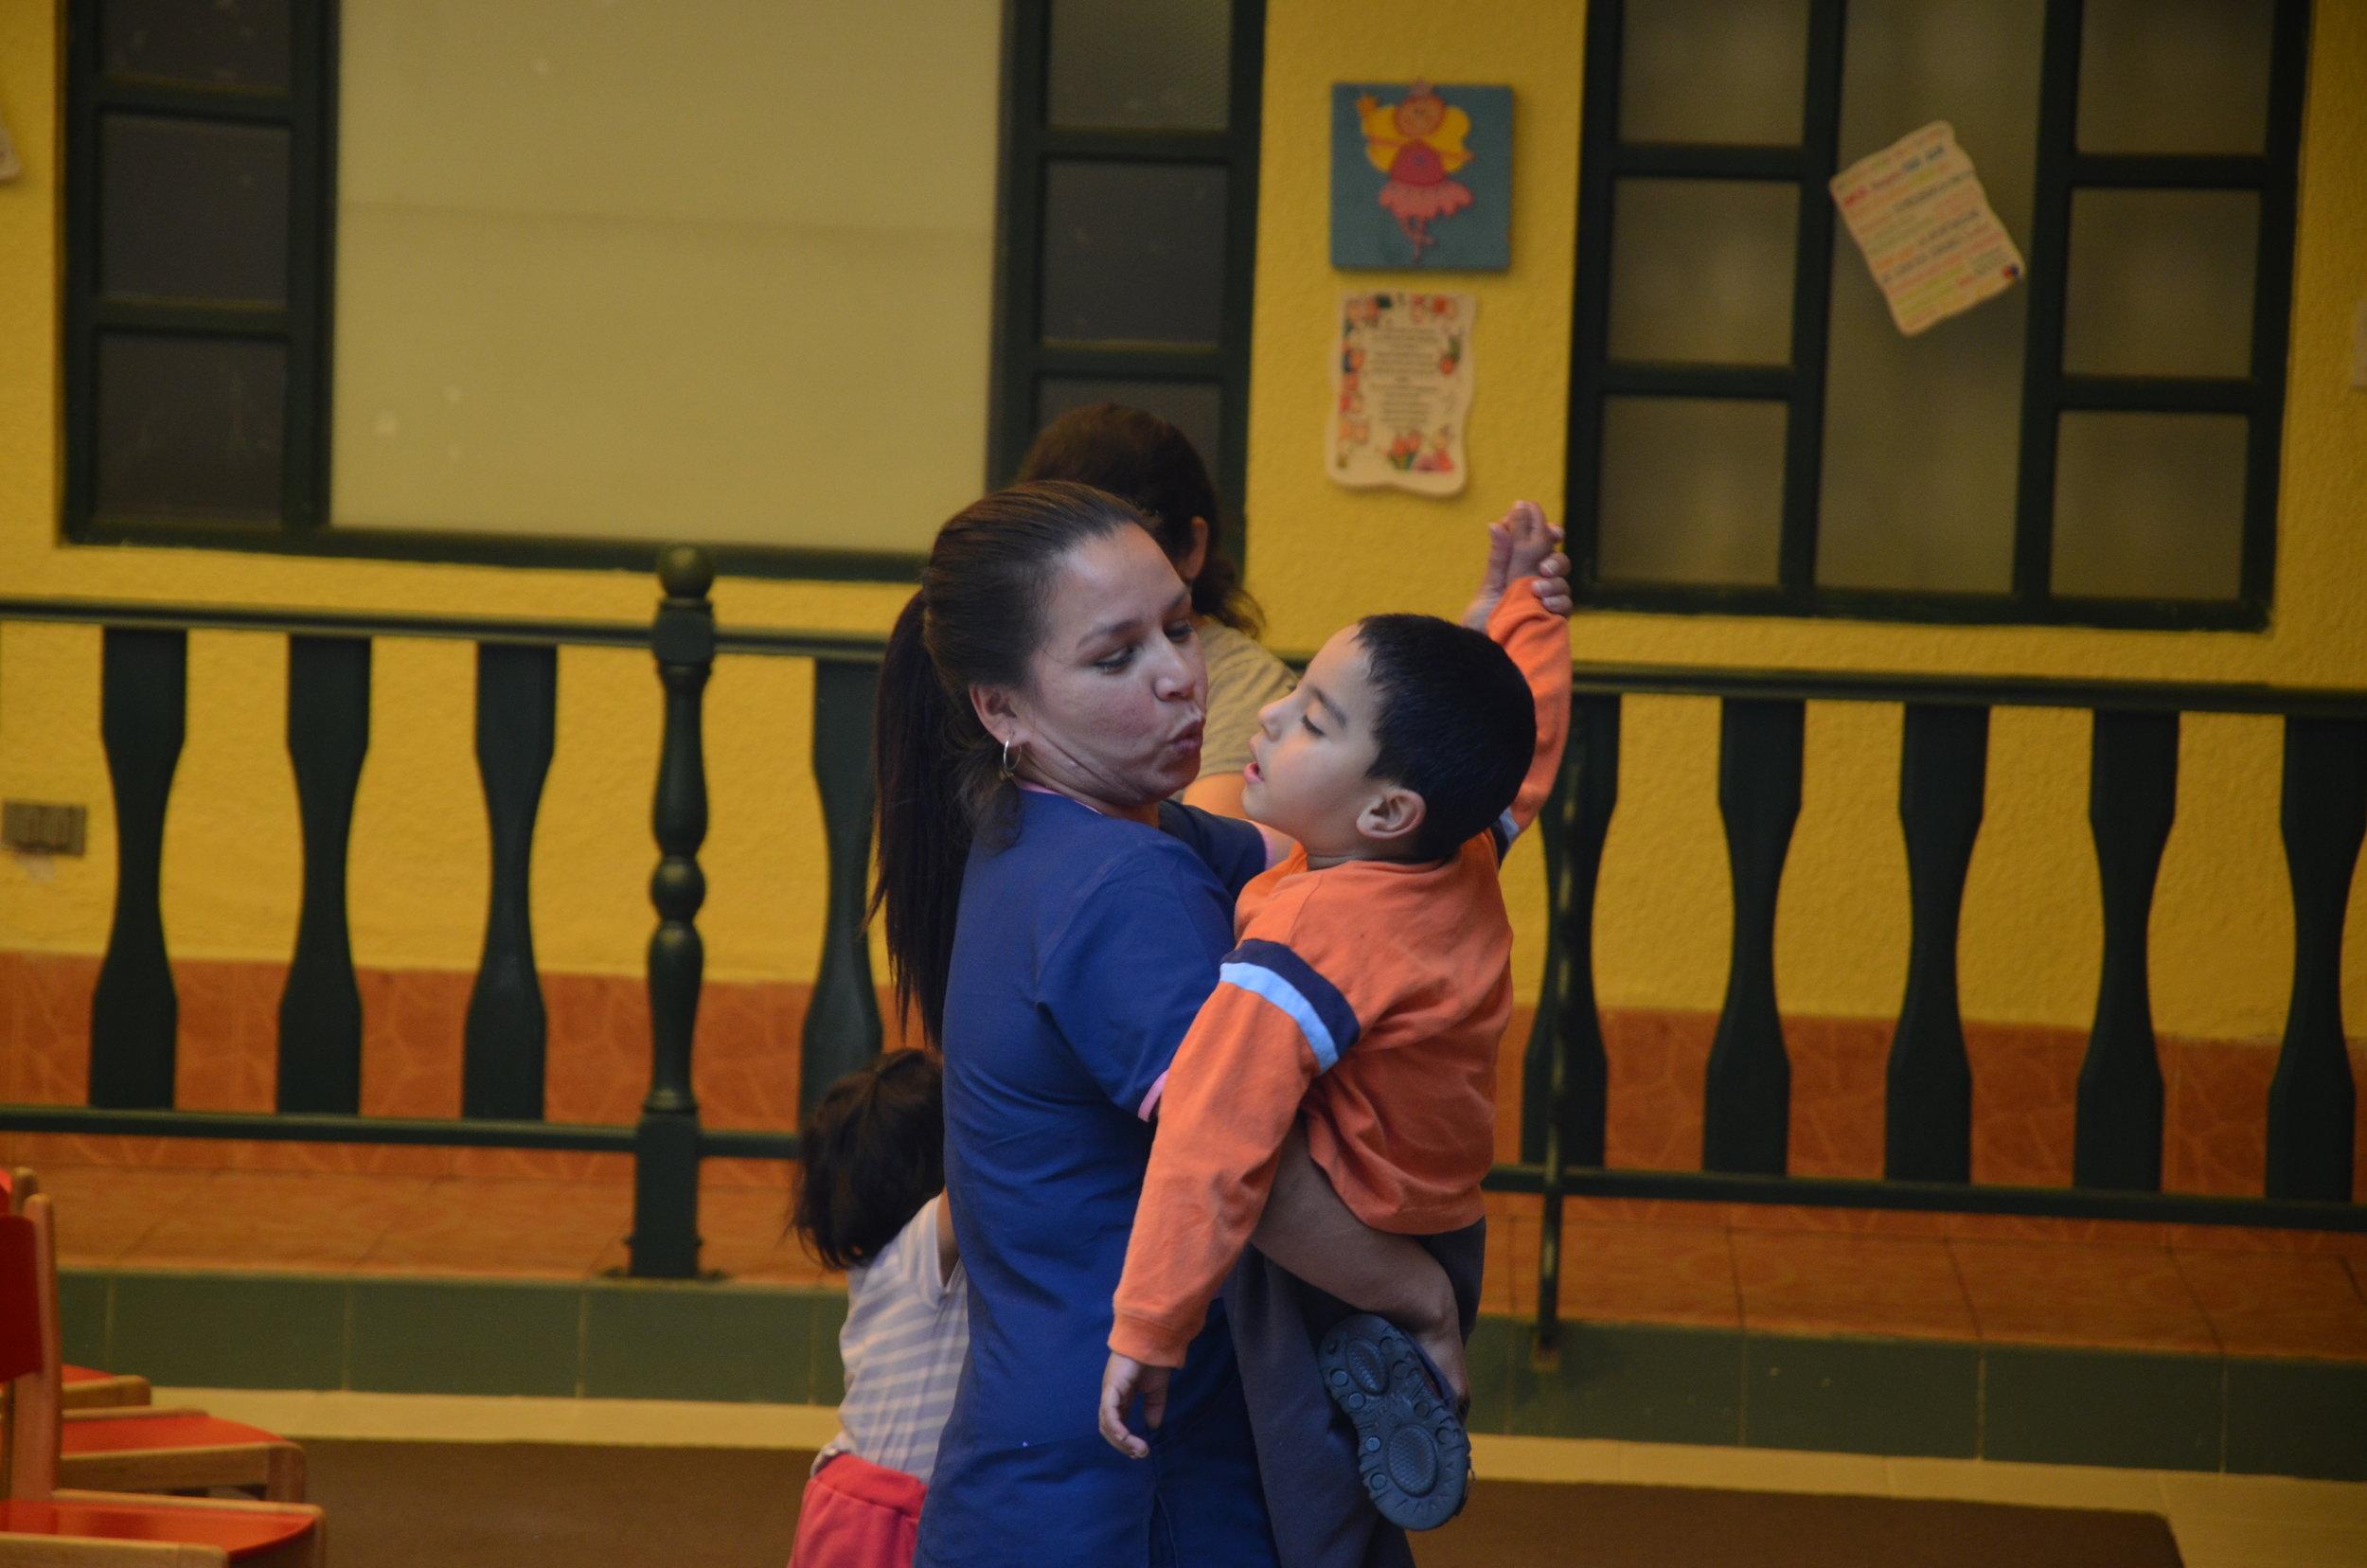 PEDAGOGÍA - Nuestros servicios de pedagogía se desarrollan en un marco de respeto para todos/as, con base en la inclusión; ambiente educativo estimulante para niños/as regulares y niños/as con necesidades educativas especiales; mediación de maestros/as altamente humanos, empáticos/as; y la vinculación activa de la familia.